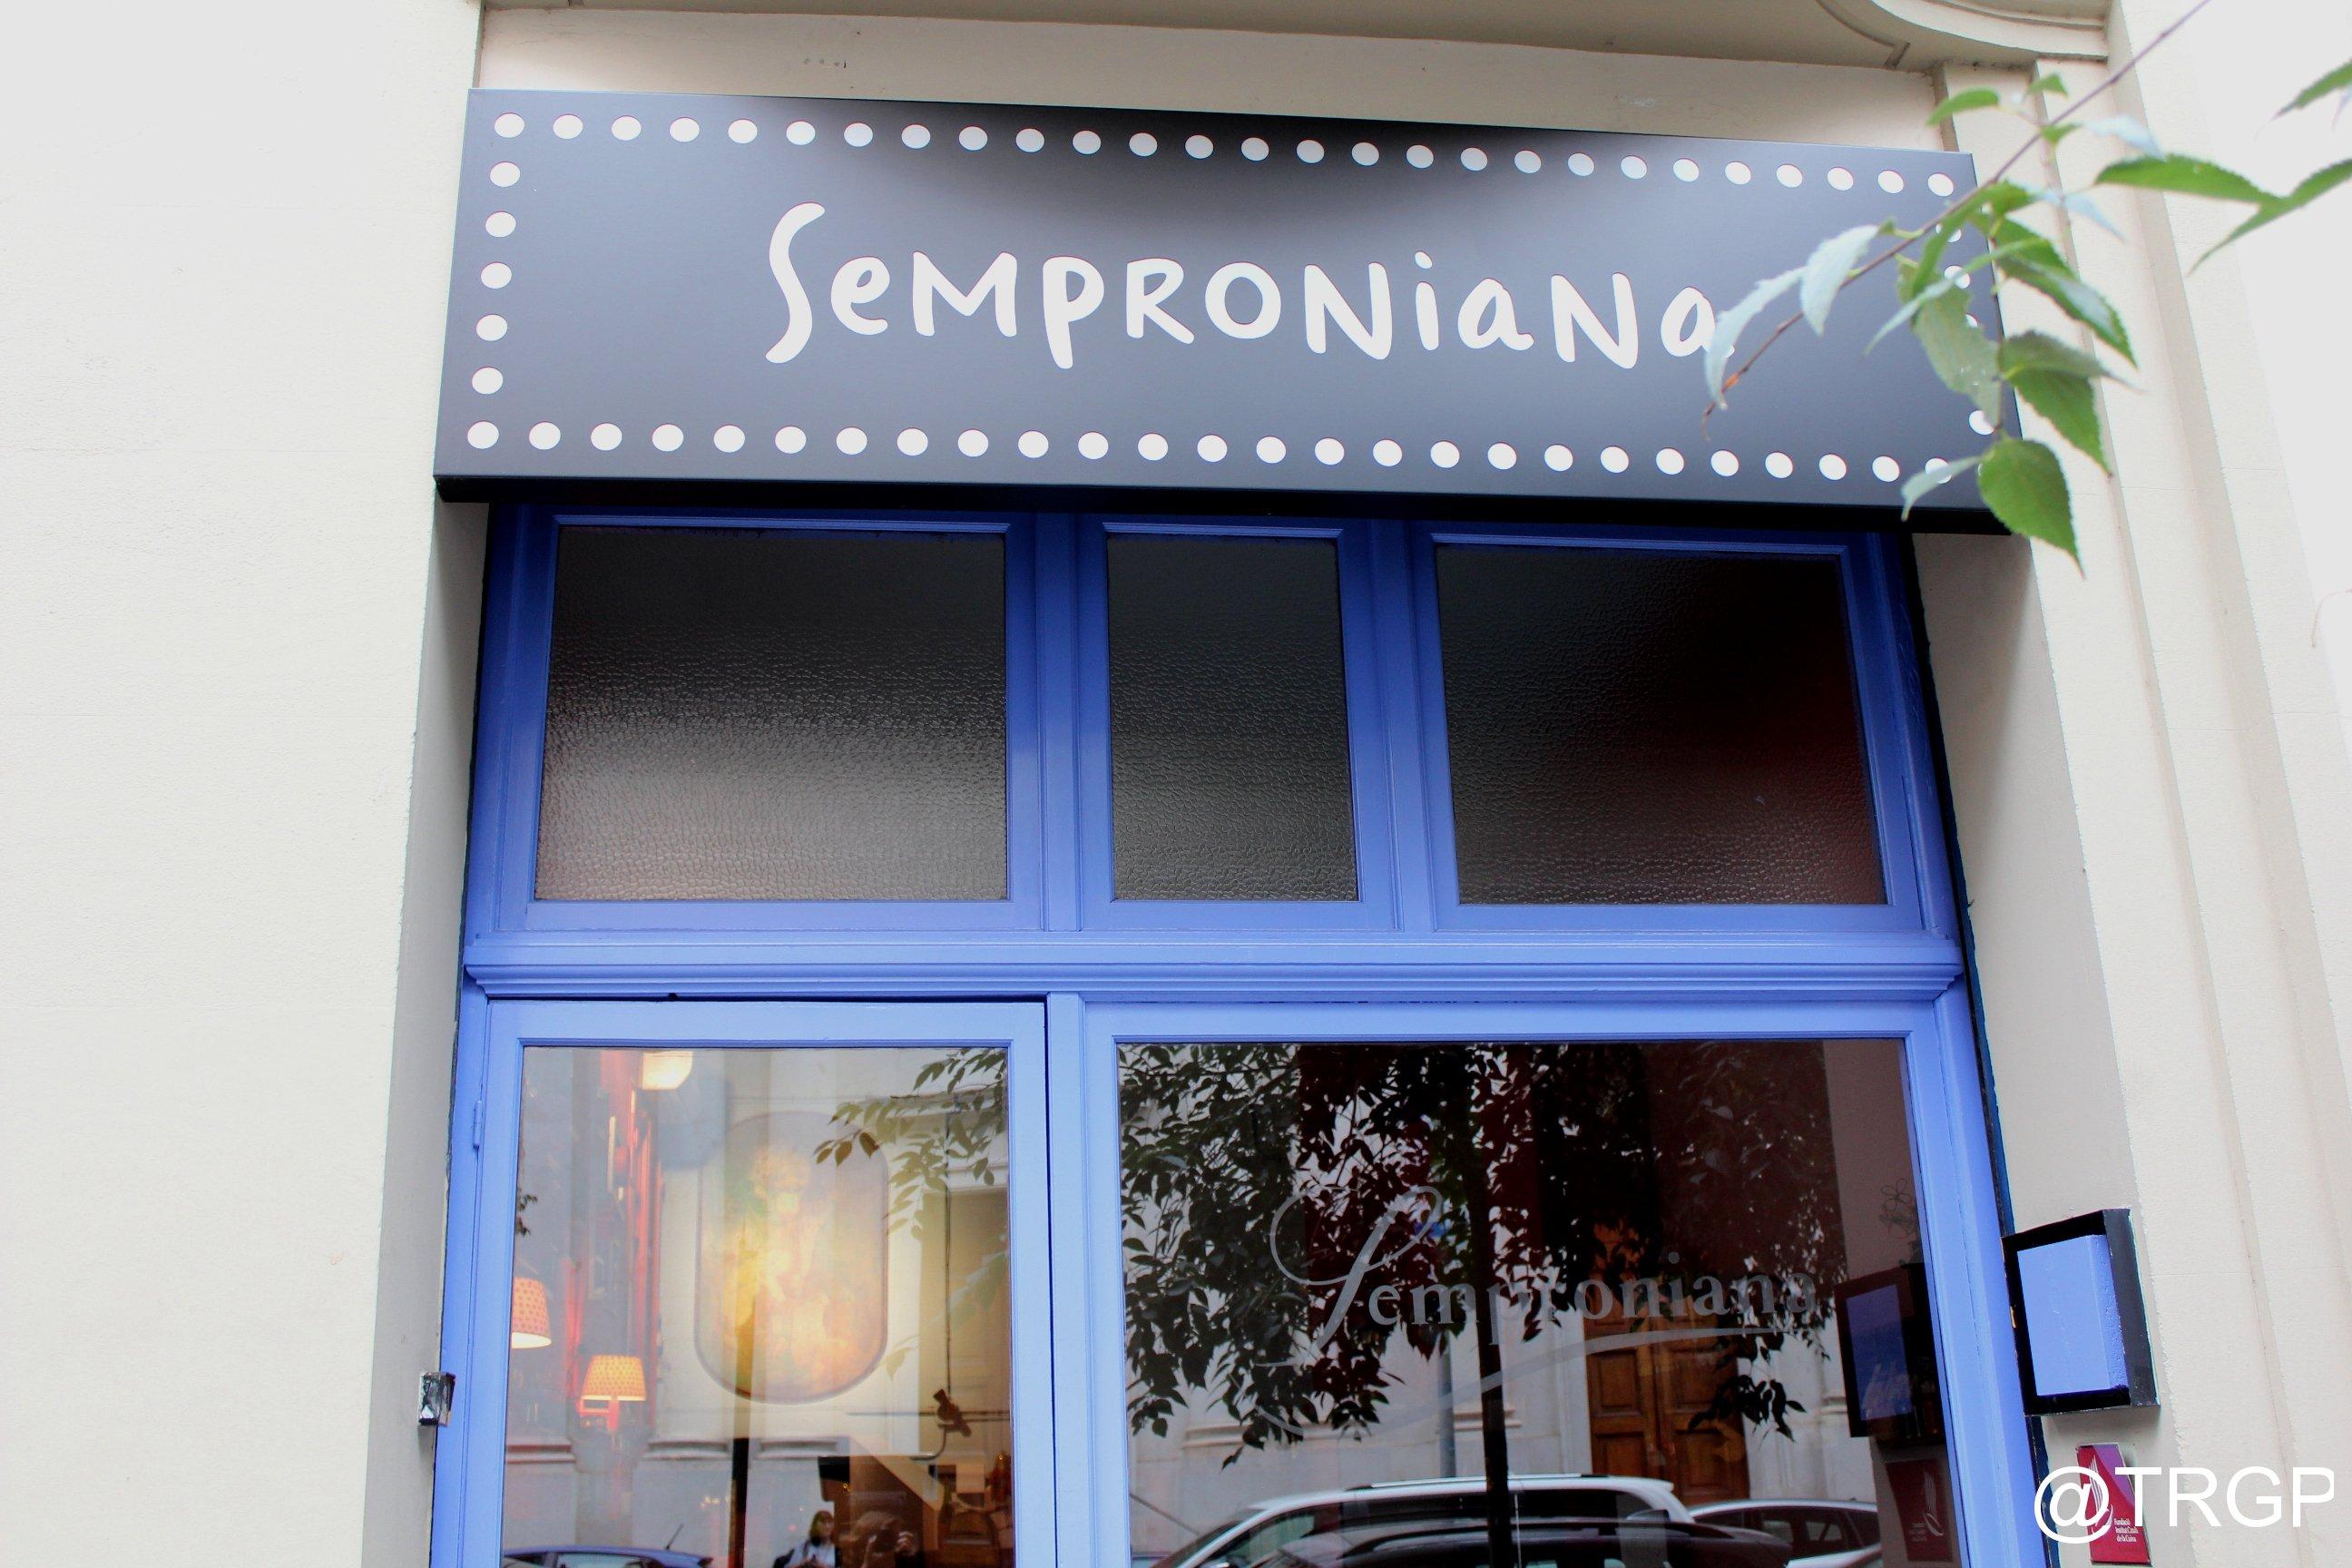 Semproniana